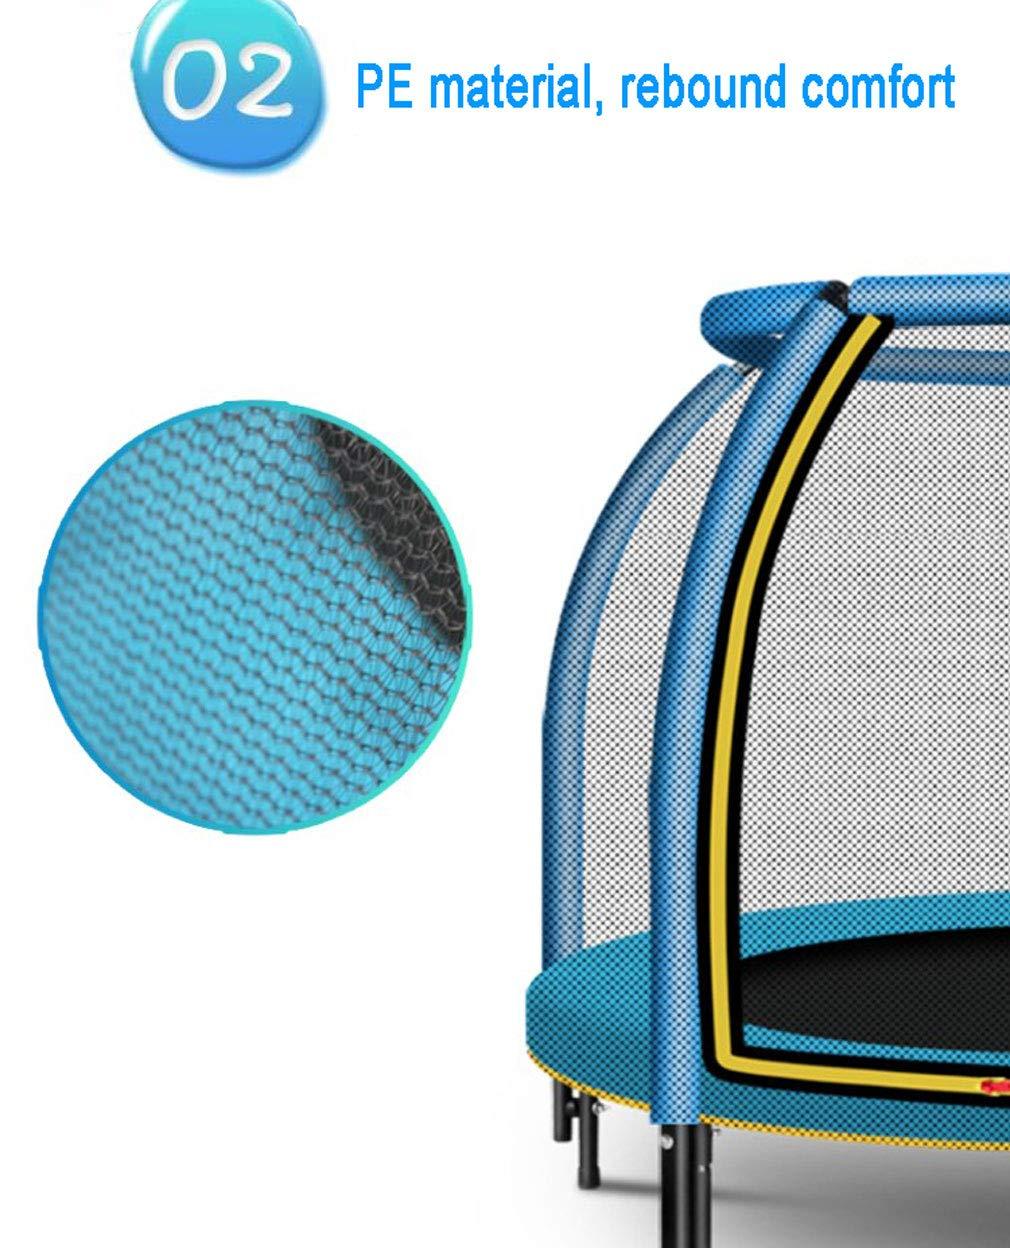 ZHAOJBC Kindertrampolin, Sicherheit Indoor Fitness-Trampolin, Mit Schutznetz, Kindersport 300KG Spielzeug, Standfestigkeit 300KG Kindersport 5e0546